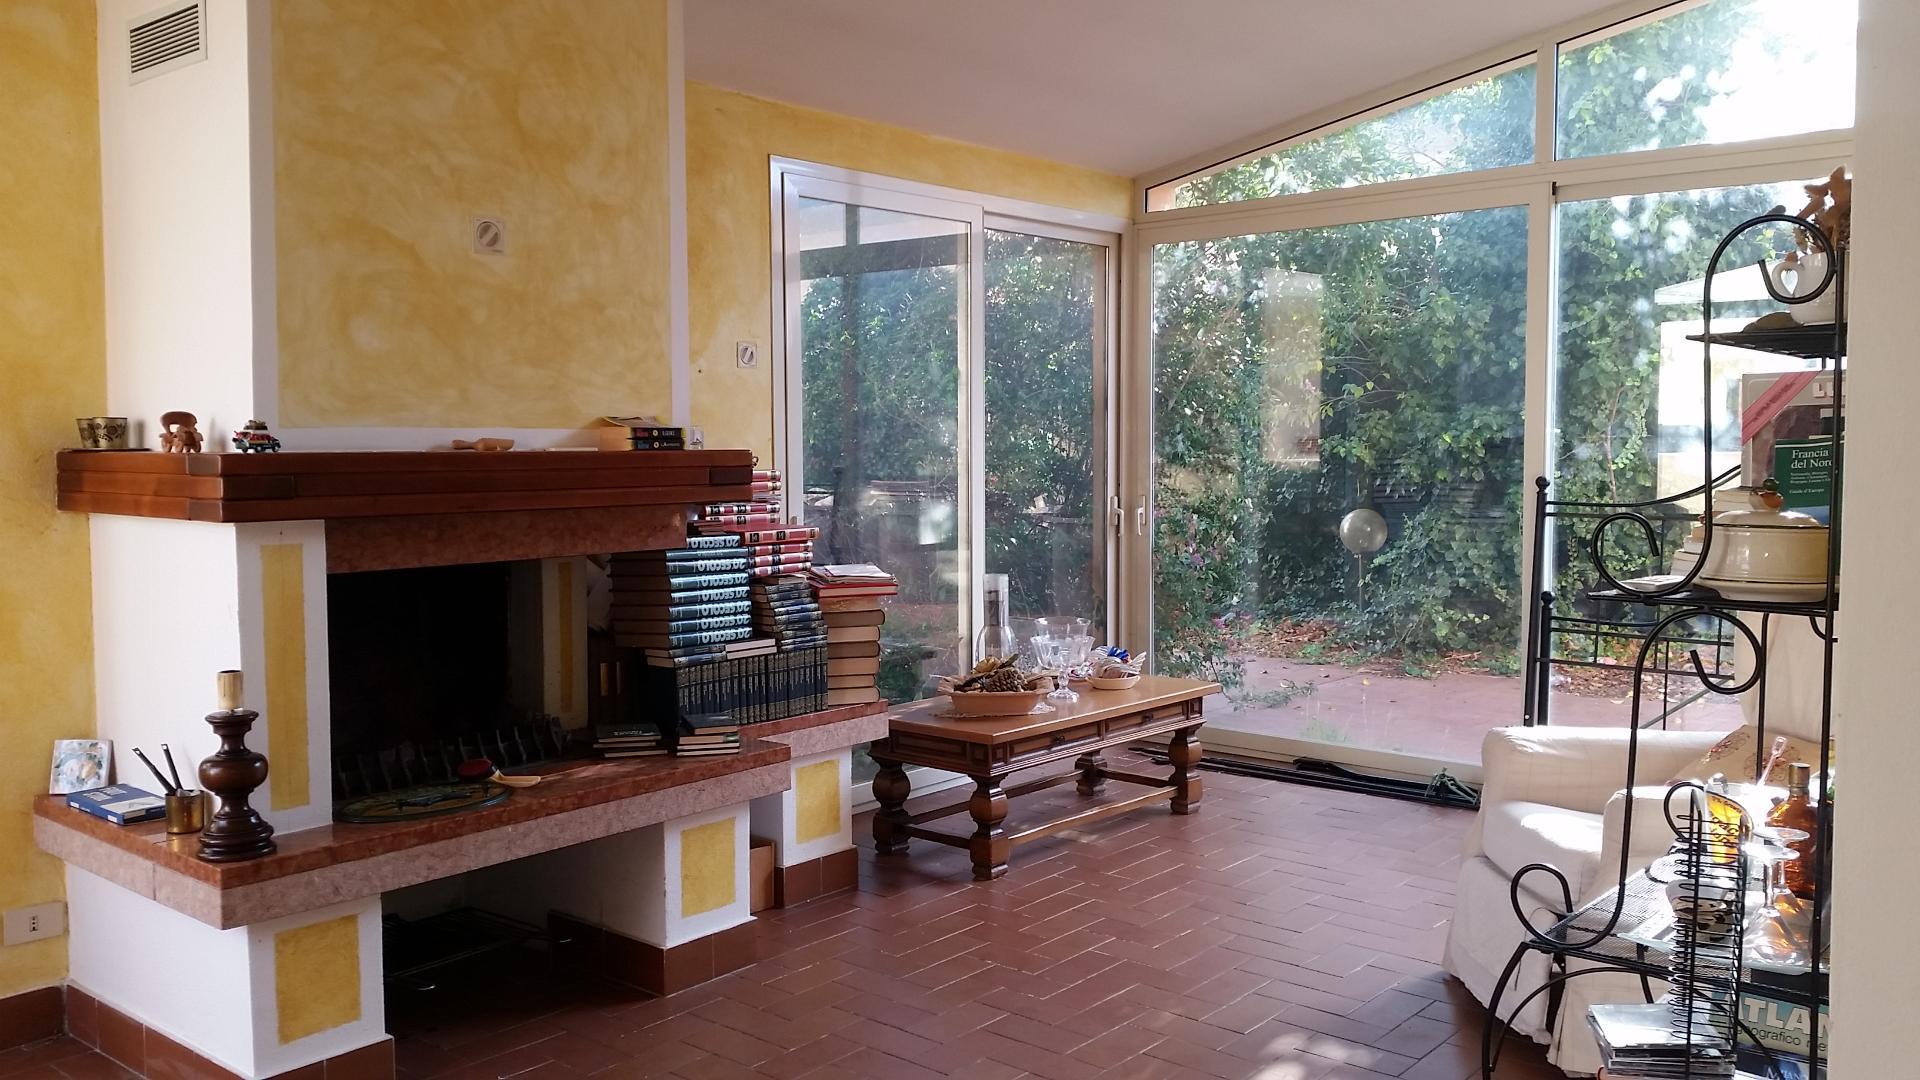 Soluzione Indipendente in vendita a Olbia - Porto Rotondo, 8 locali, zona Località: zonaVittorioVeneto, prezzo € 380.000 | Cambio Casa.it